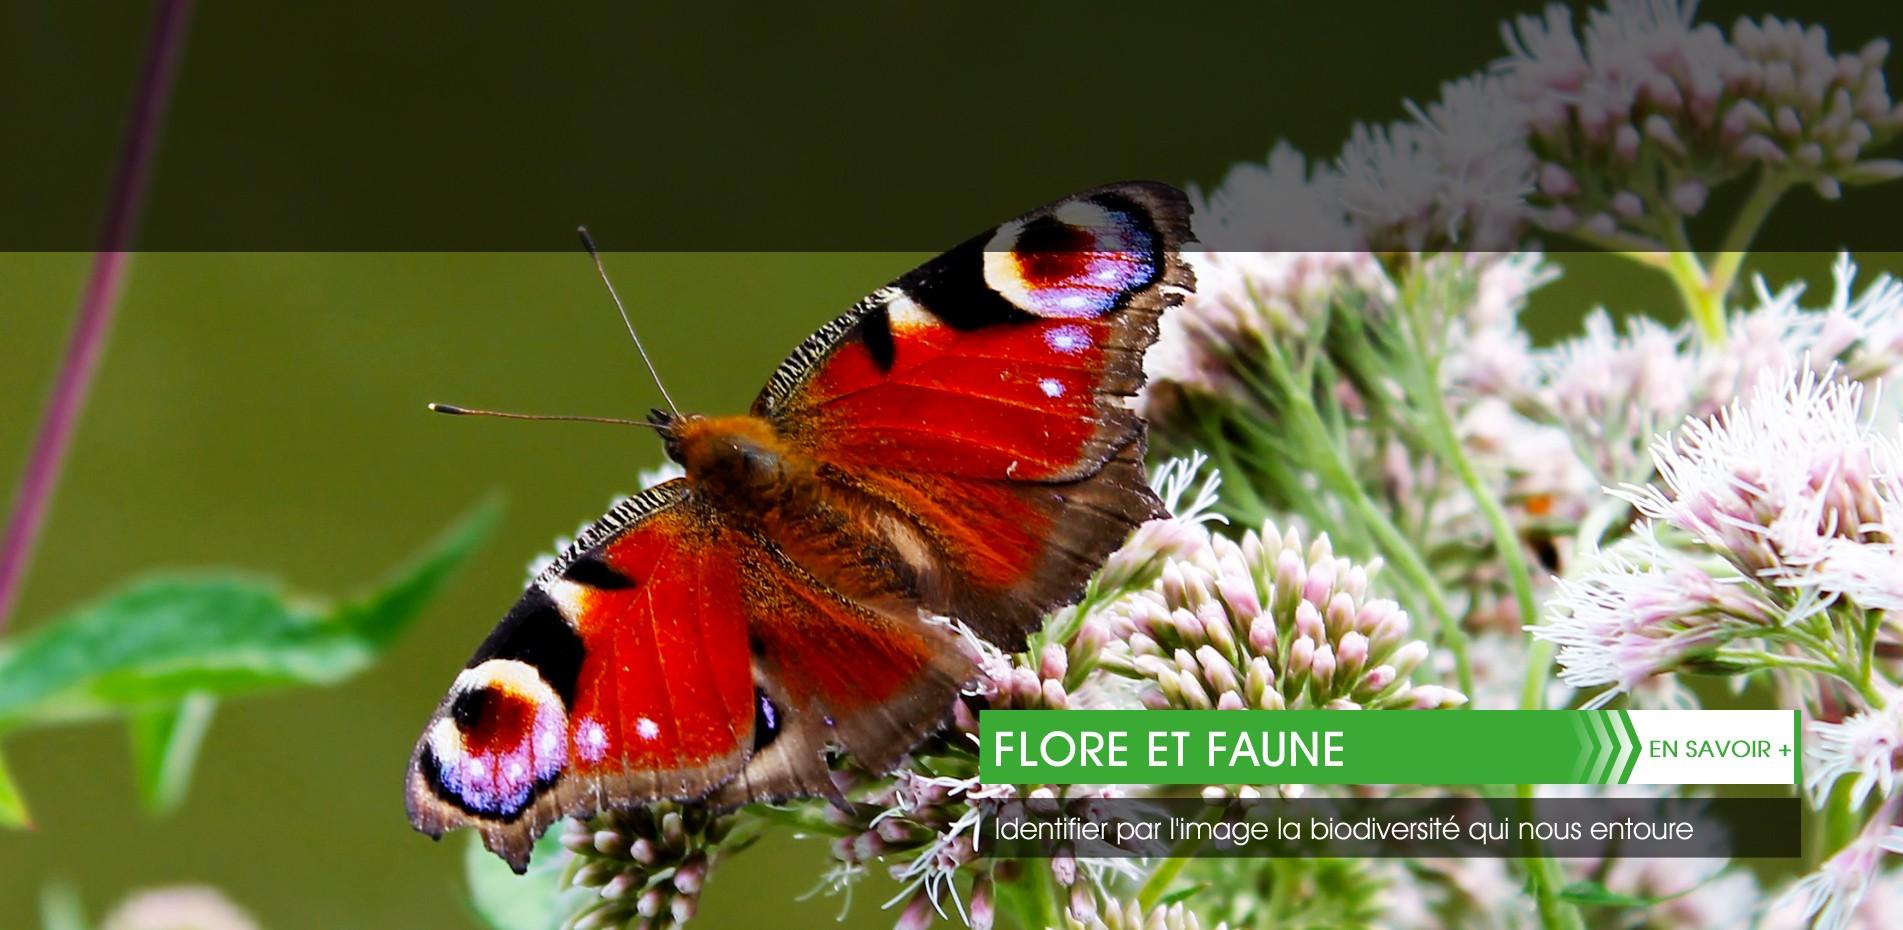 flore-et-faune